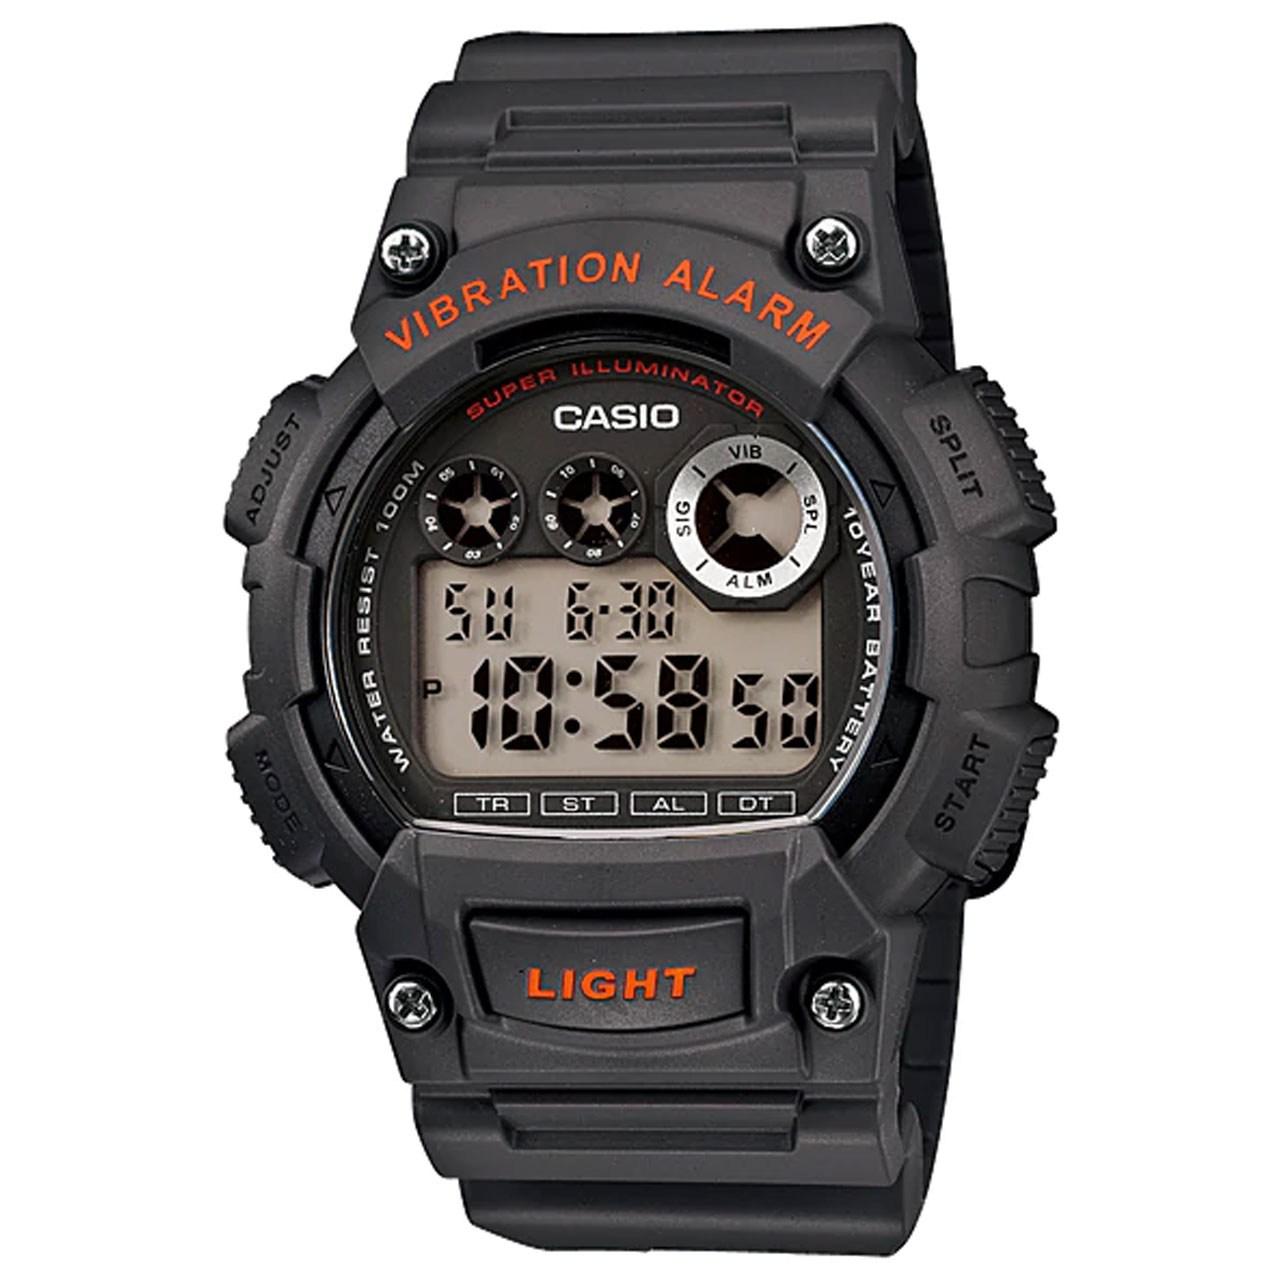 ساعت مچی دیجیتالی مردانه کاسیو مدل  W-735H-8AVDF 32